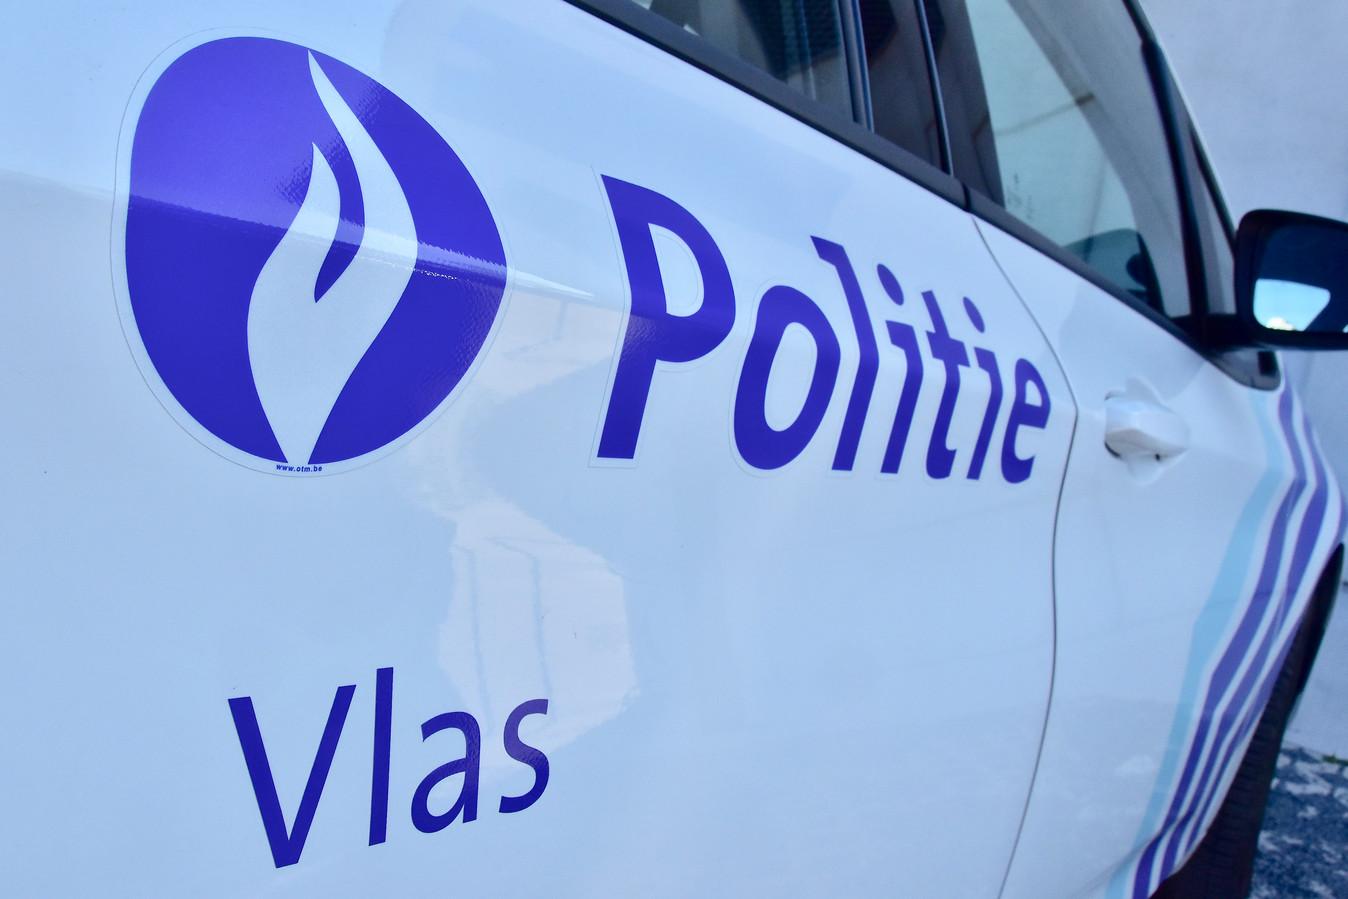 De politie van de zone Vlas hield vrijdagavond een controleactie op patsergedrag in het centrum van Kortrijk